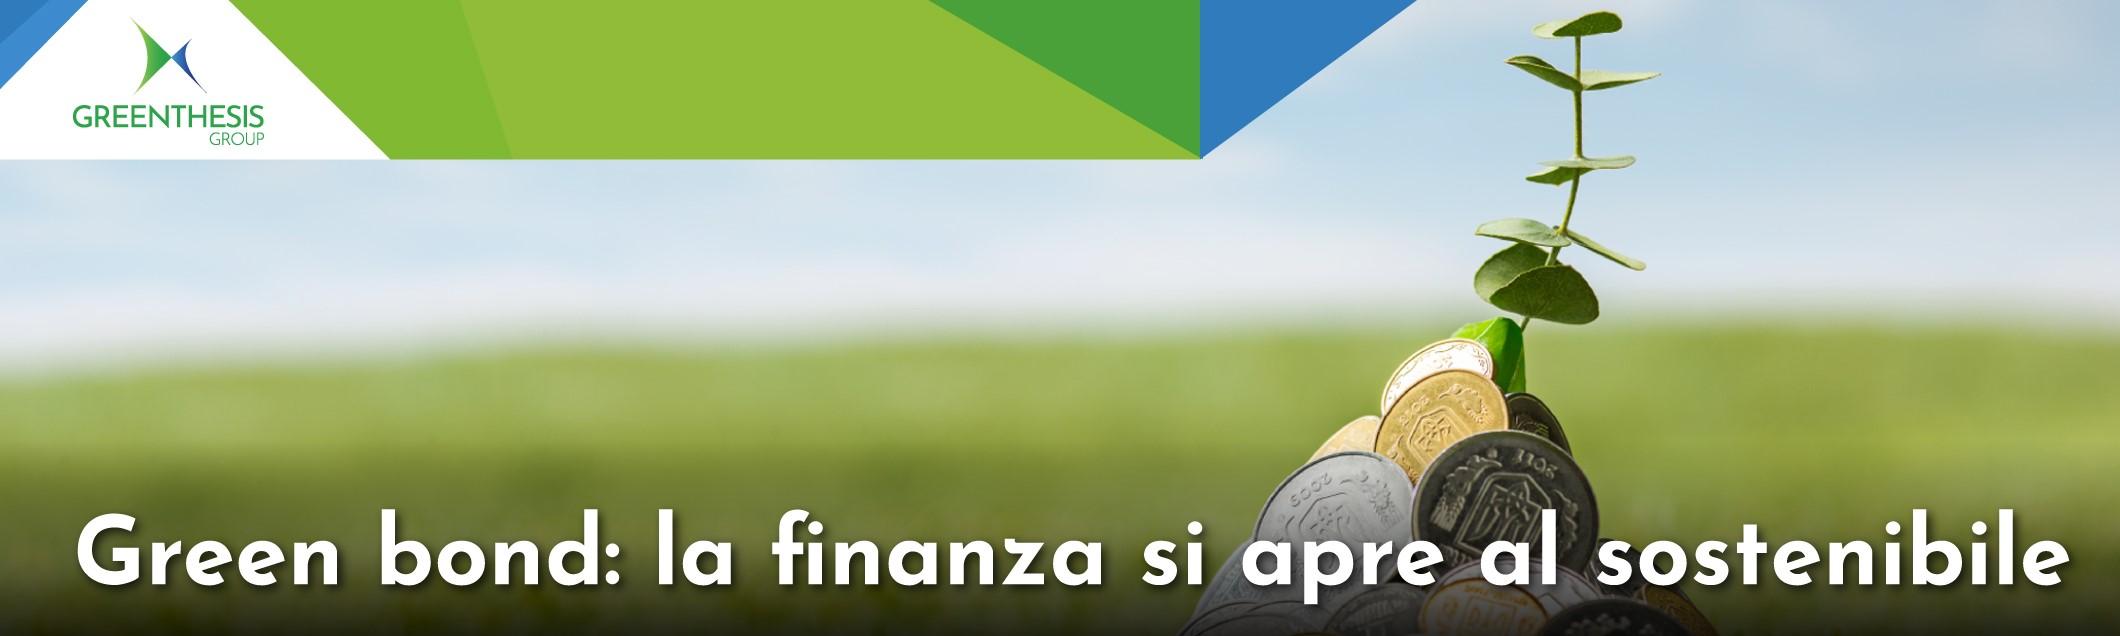 Green bond: la finanza si apre al sostenibile